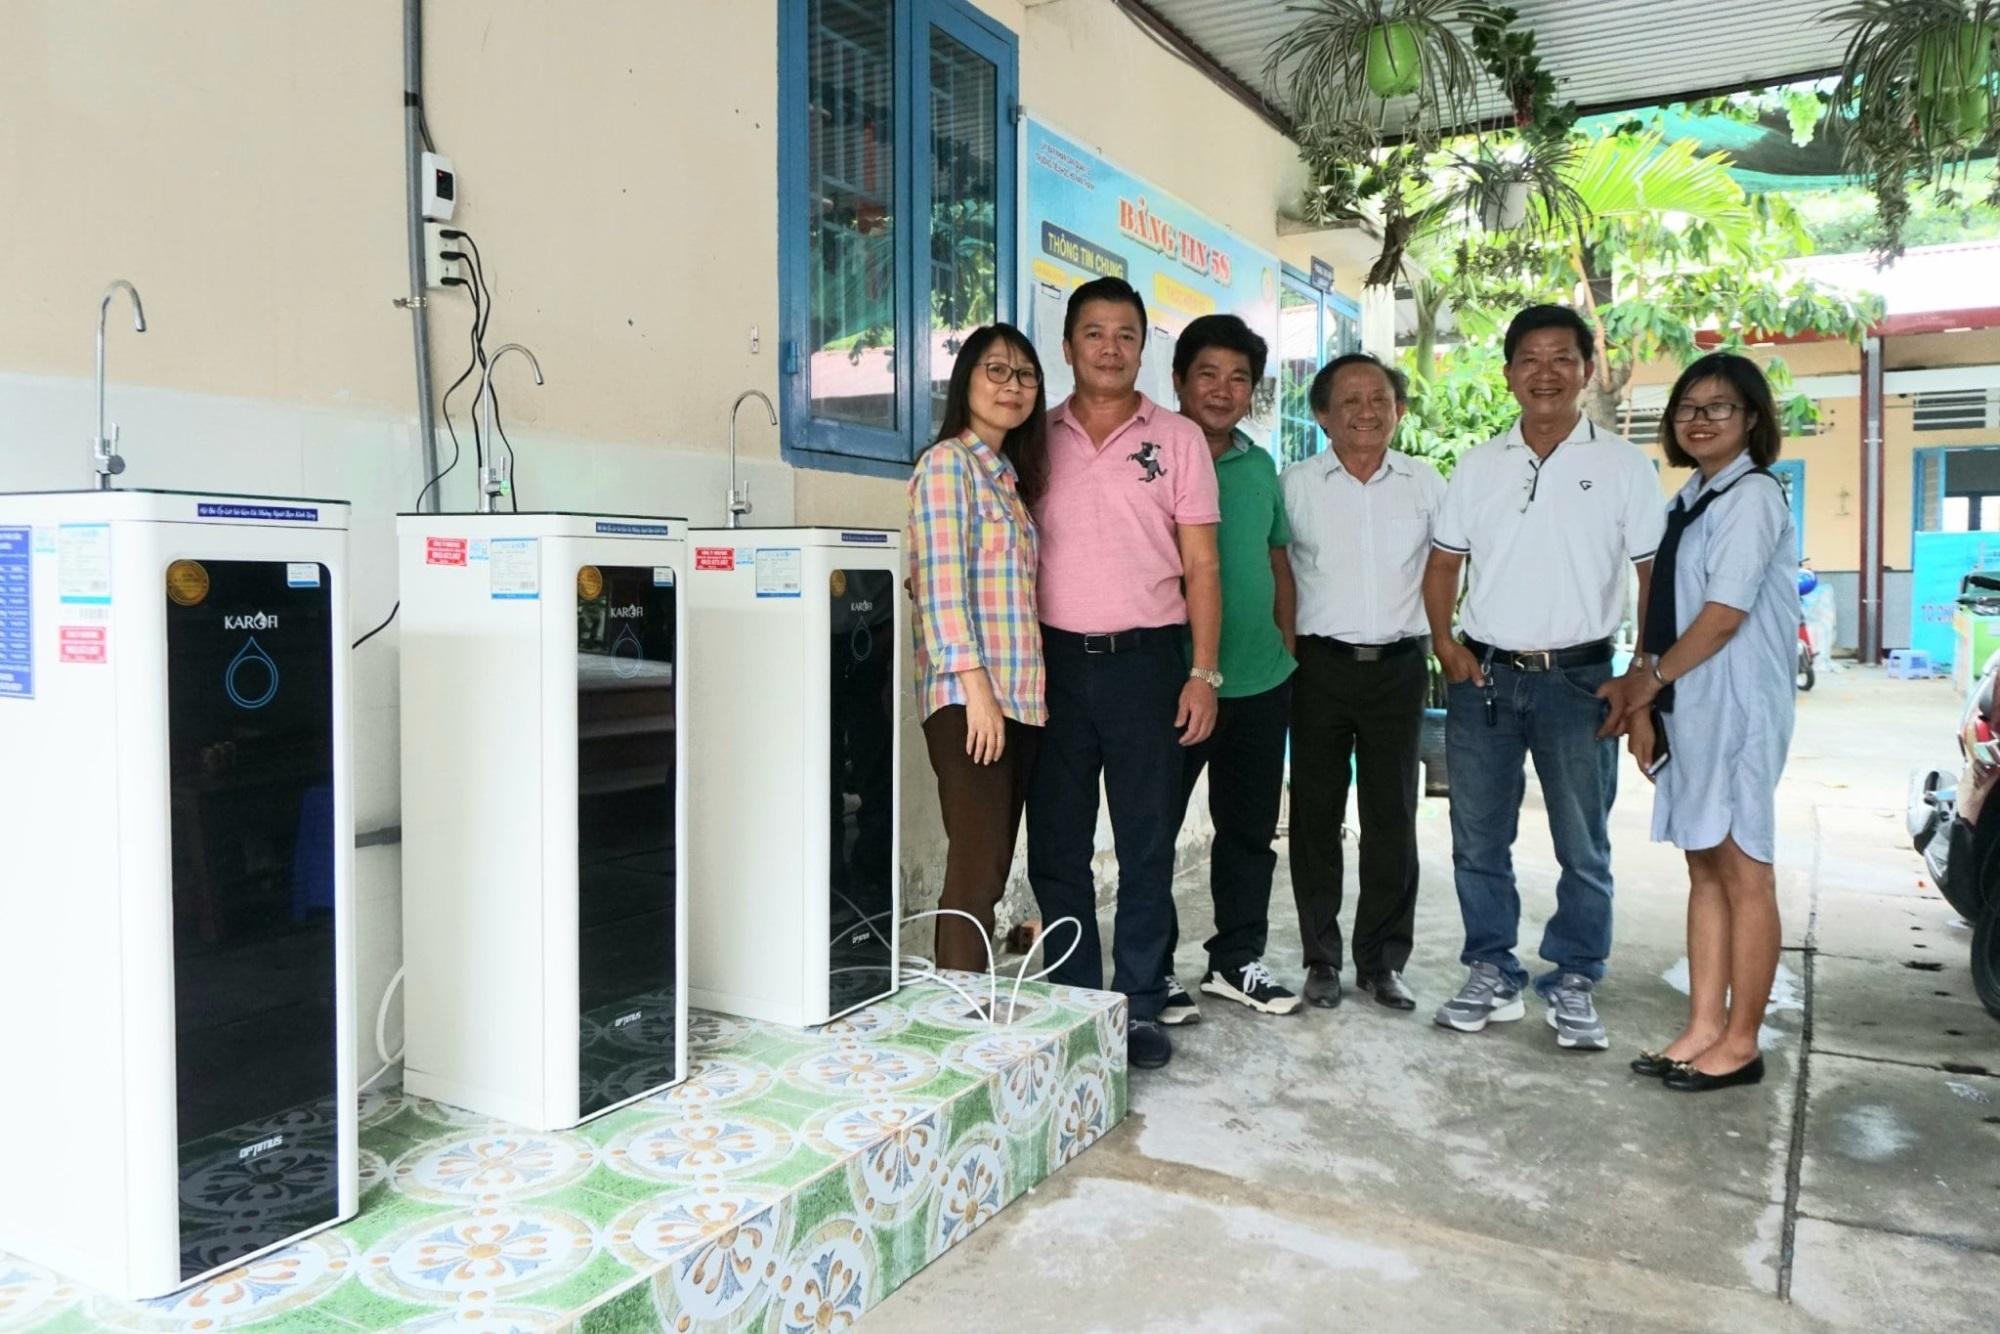 Chuỗi chương trình từ thiện 3 ngày của Hội đá ốp lát Sài Gòn kỷ niệm 10 năm thành lập - Ảnh 2